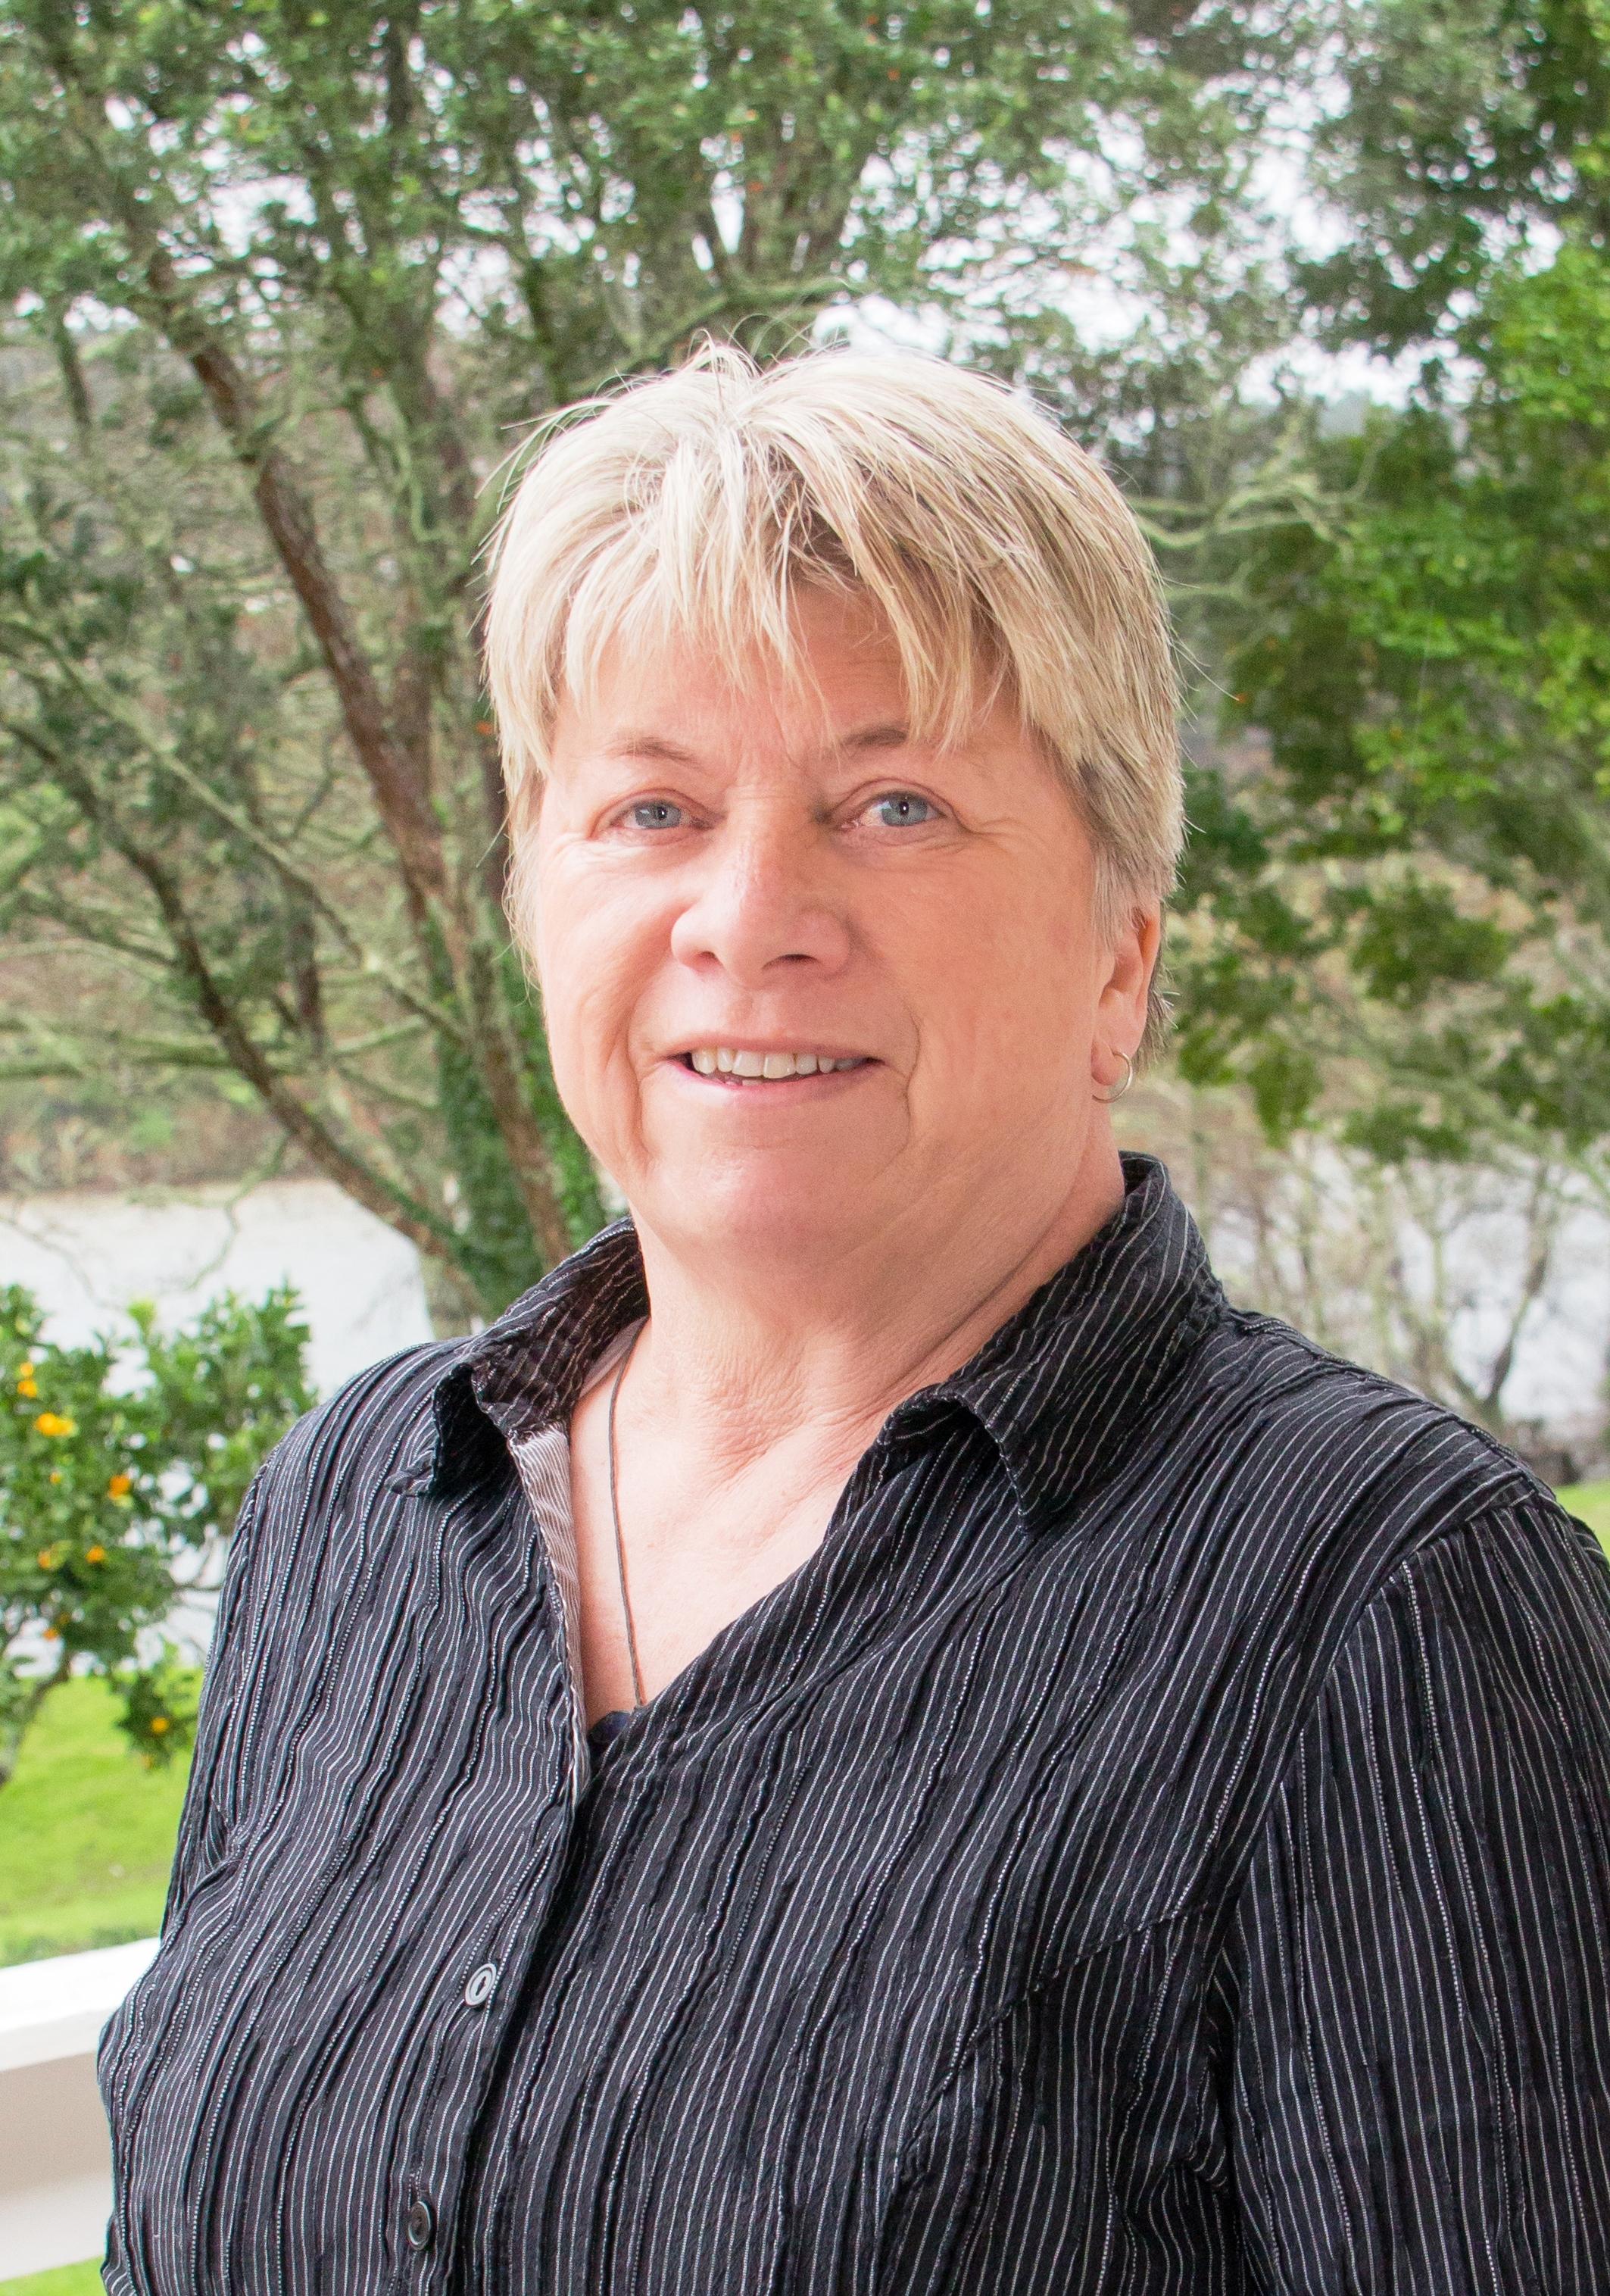 Kirstie McGrail